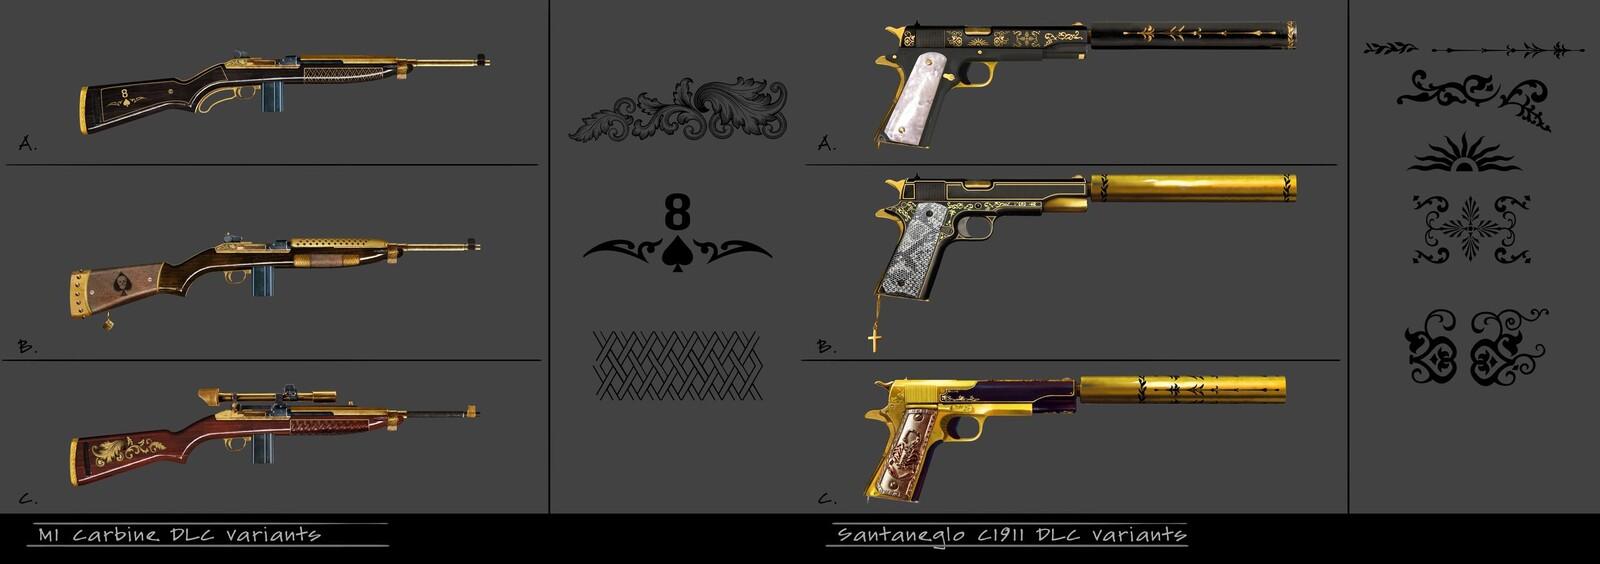 Mafia 3 DLC guns